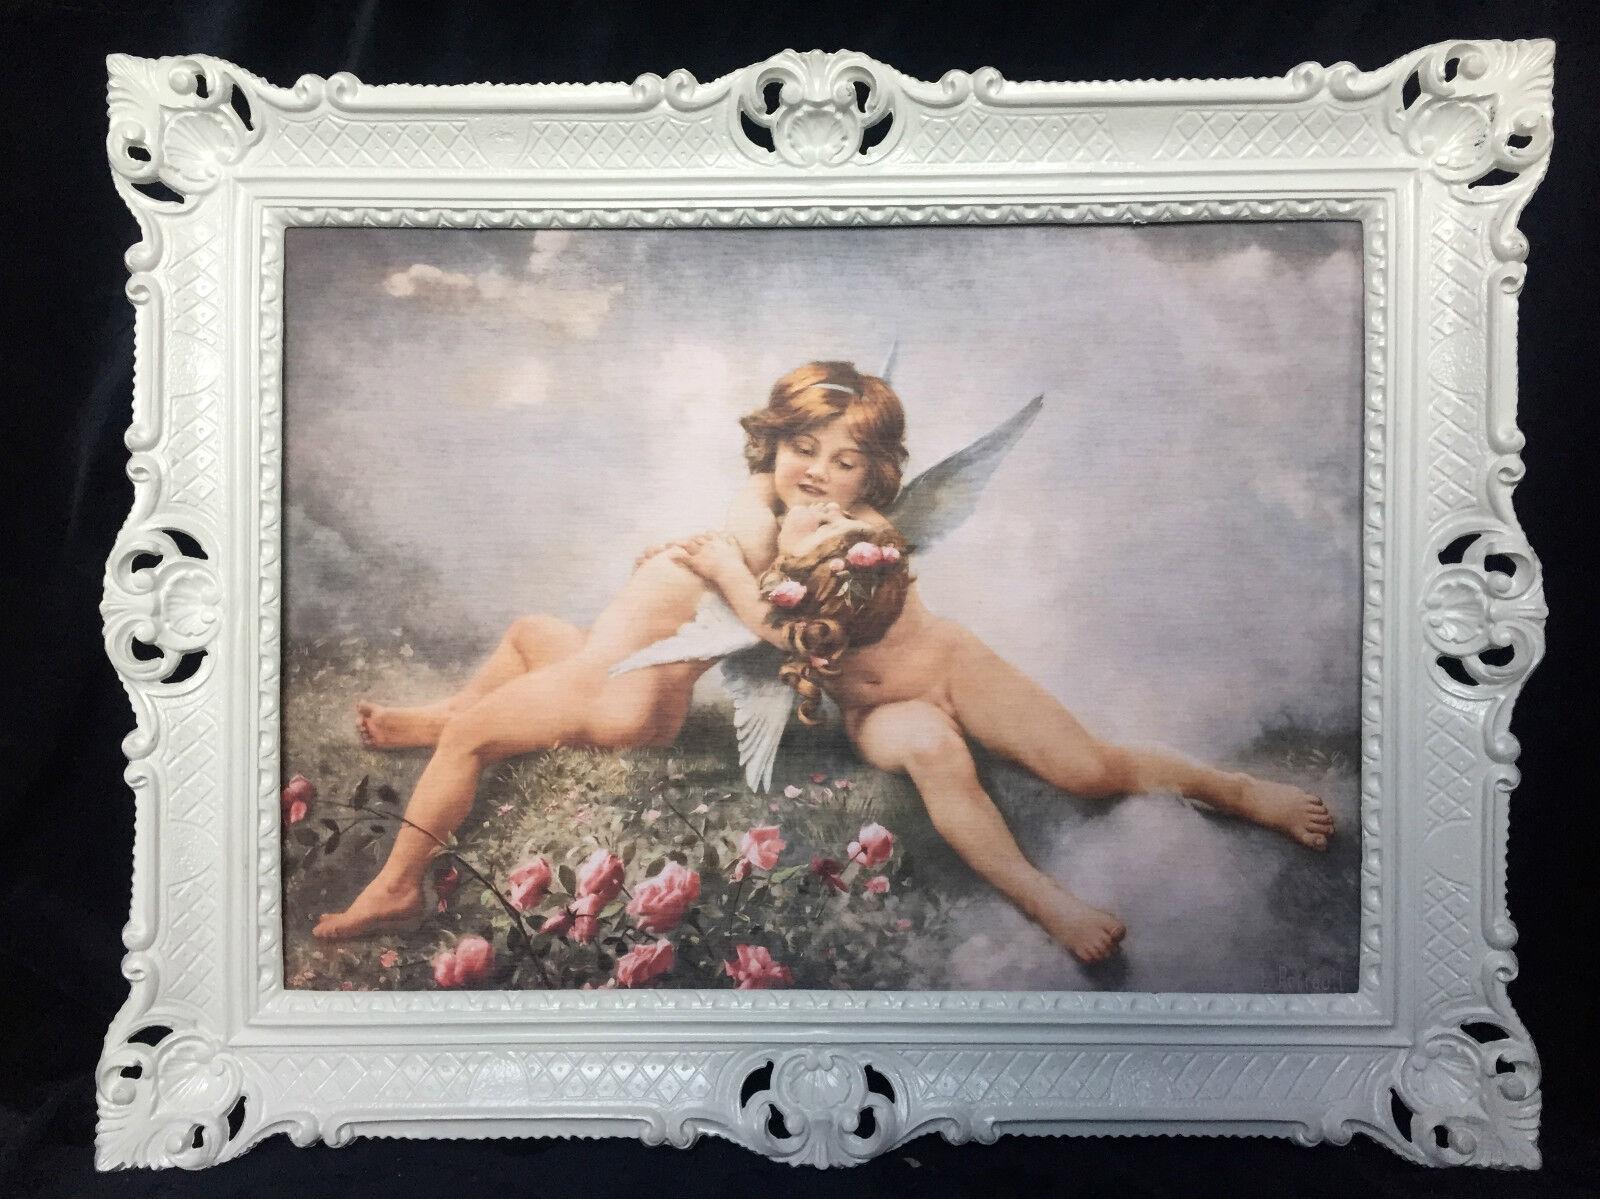 Schutzengel Engel Mädchen Wandbild 70x90 Schlafzimmer Heilige Bild Bilderrahmen